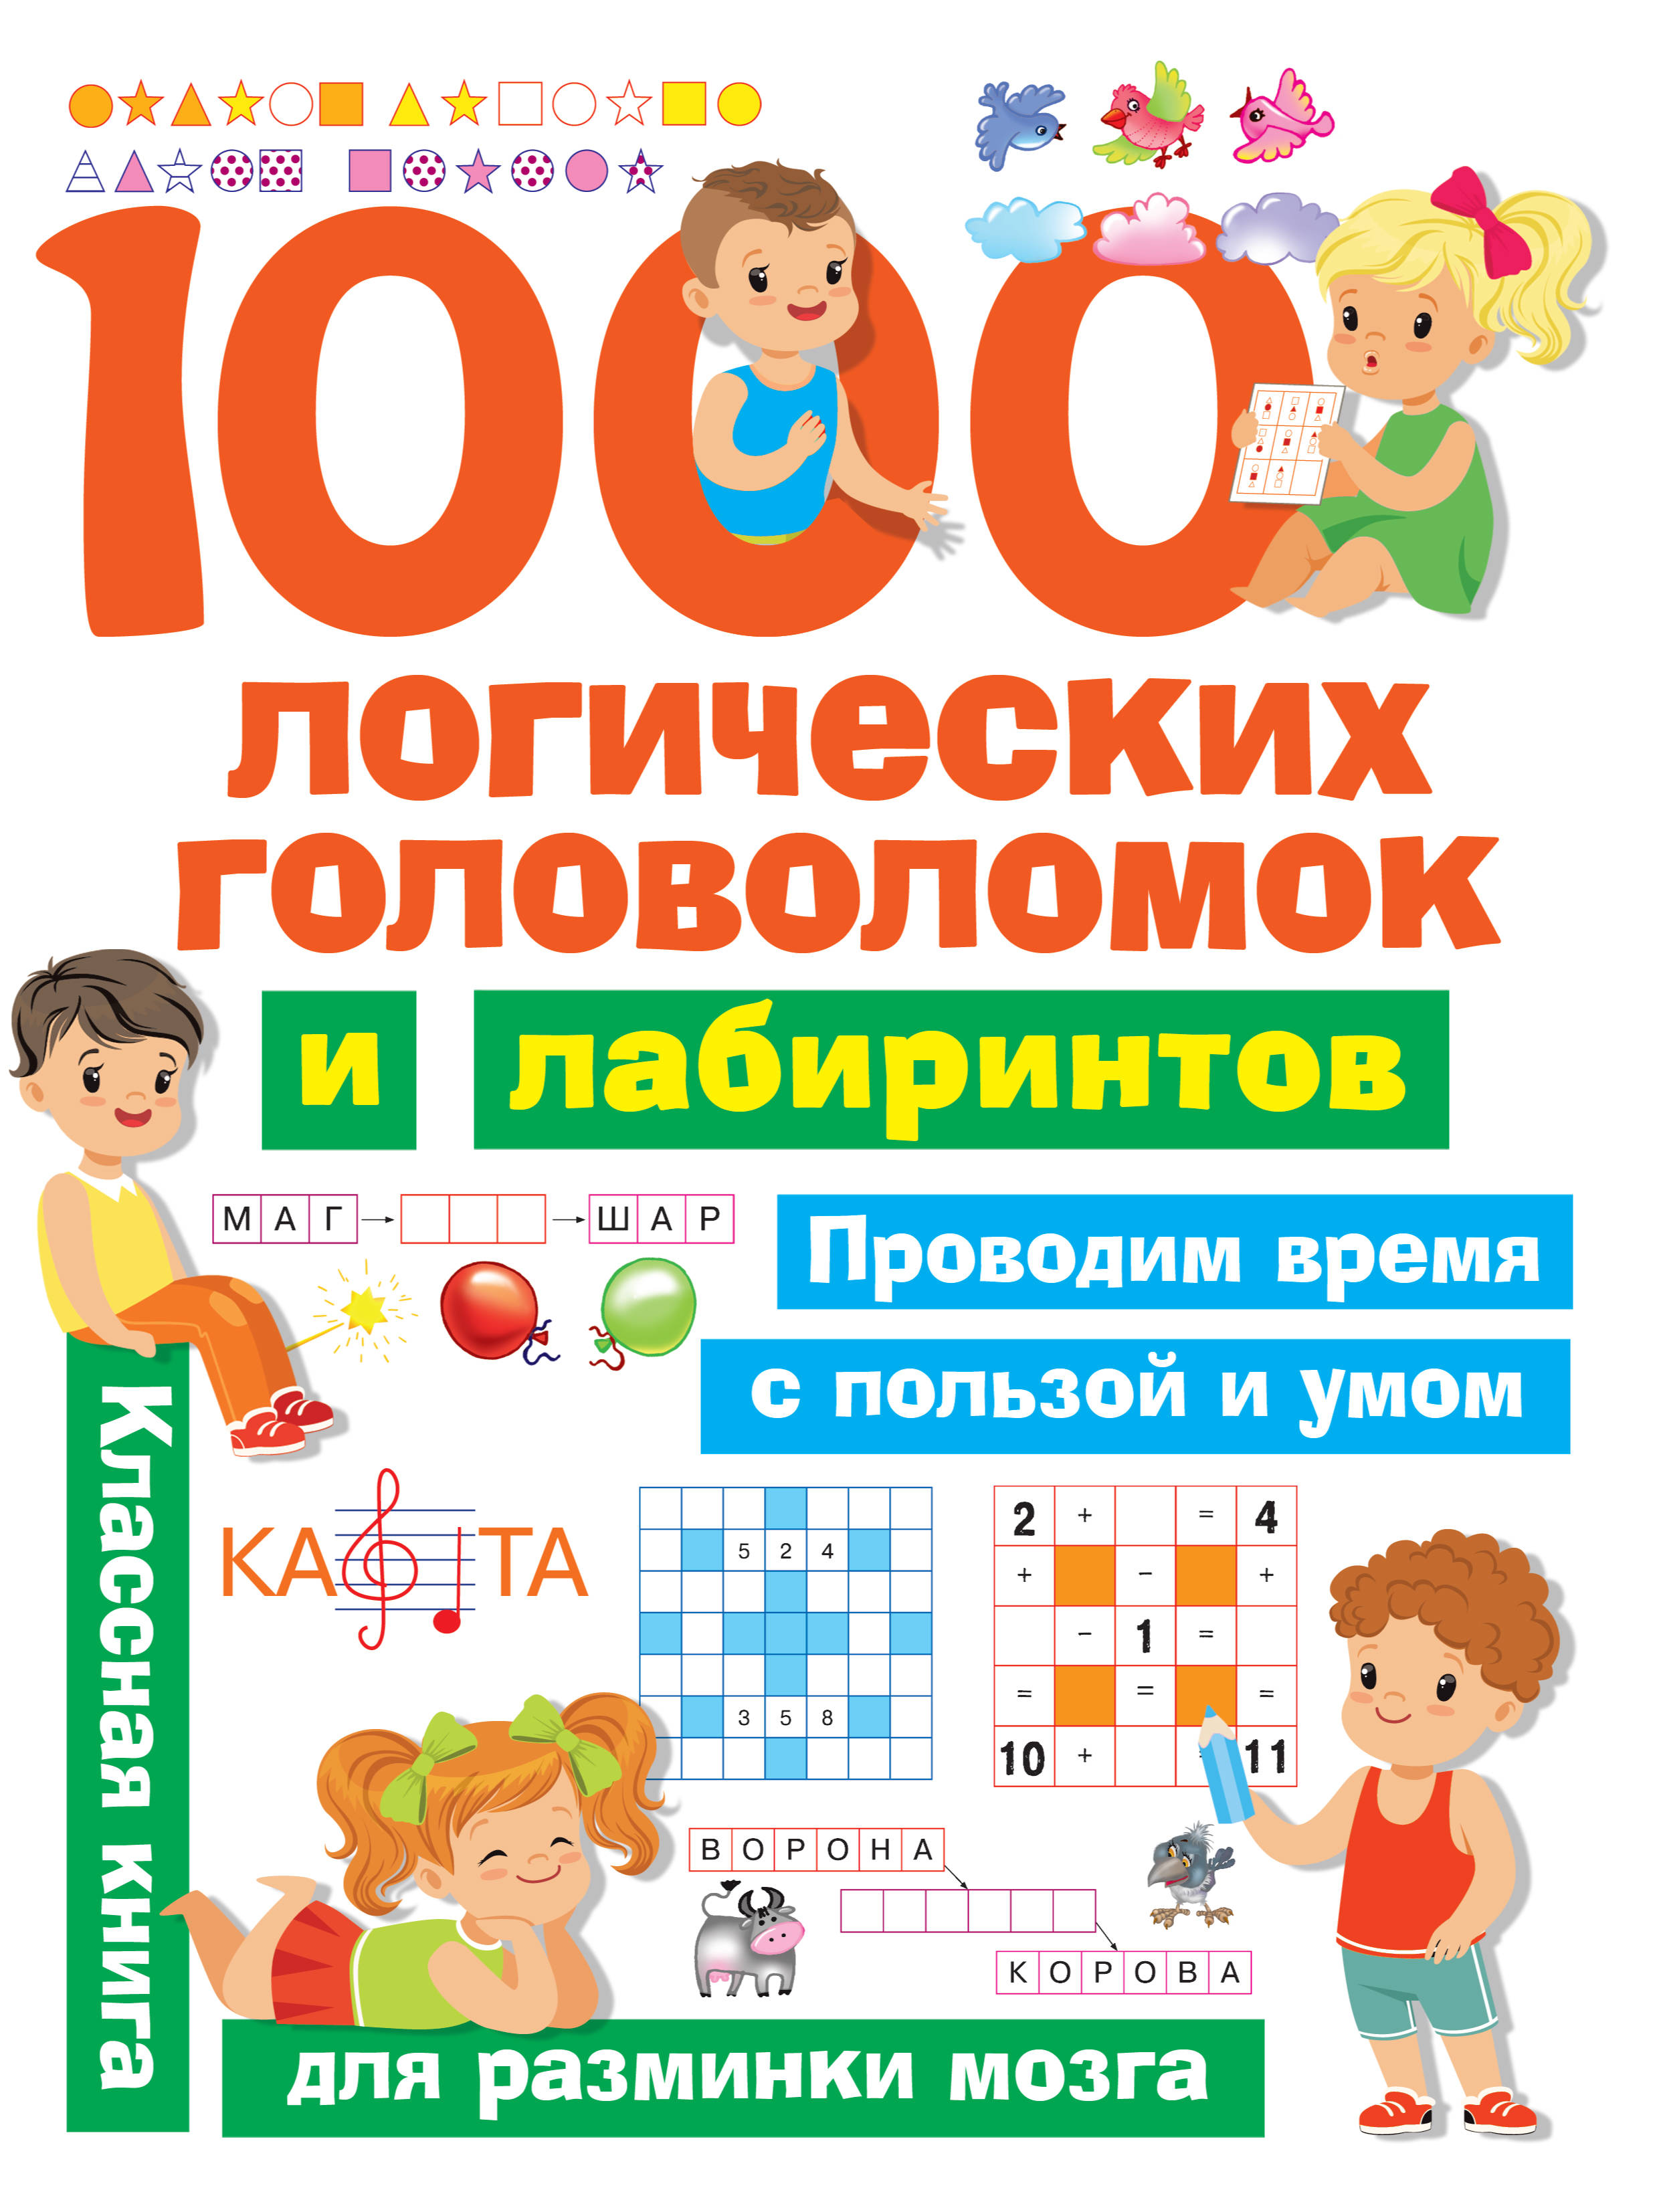 Дмитриева В.Г. 1000 логических головоломок и лабиринтов бальзо а бальзо к тайные лабиринты откроют все стороны подземной жизни… большая книга лабиринтов